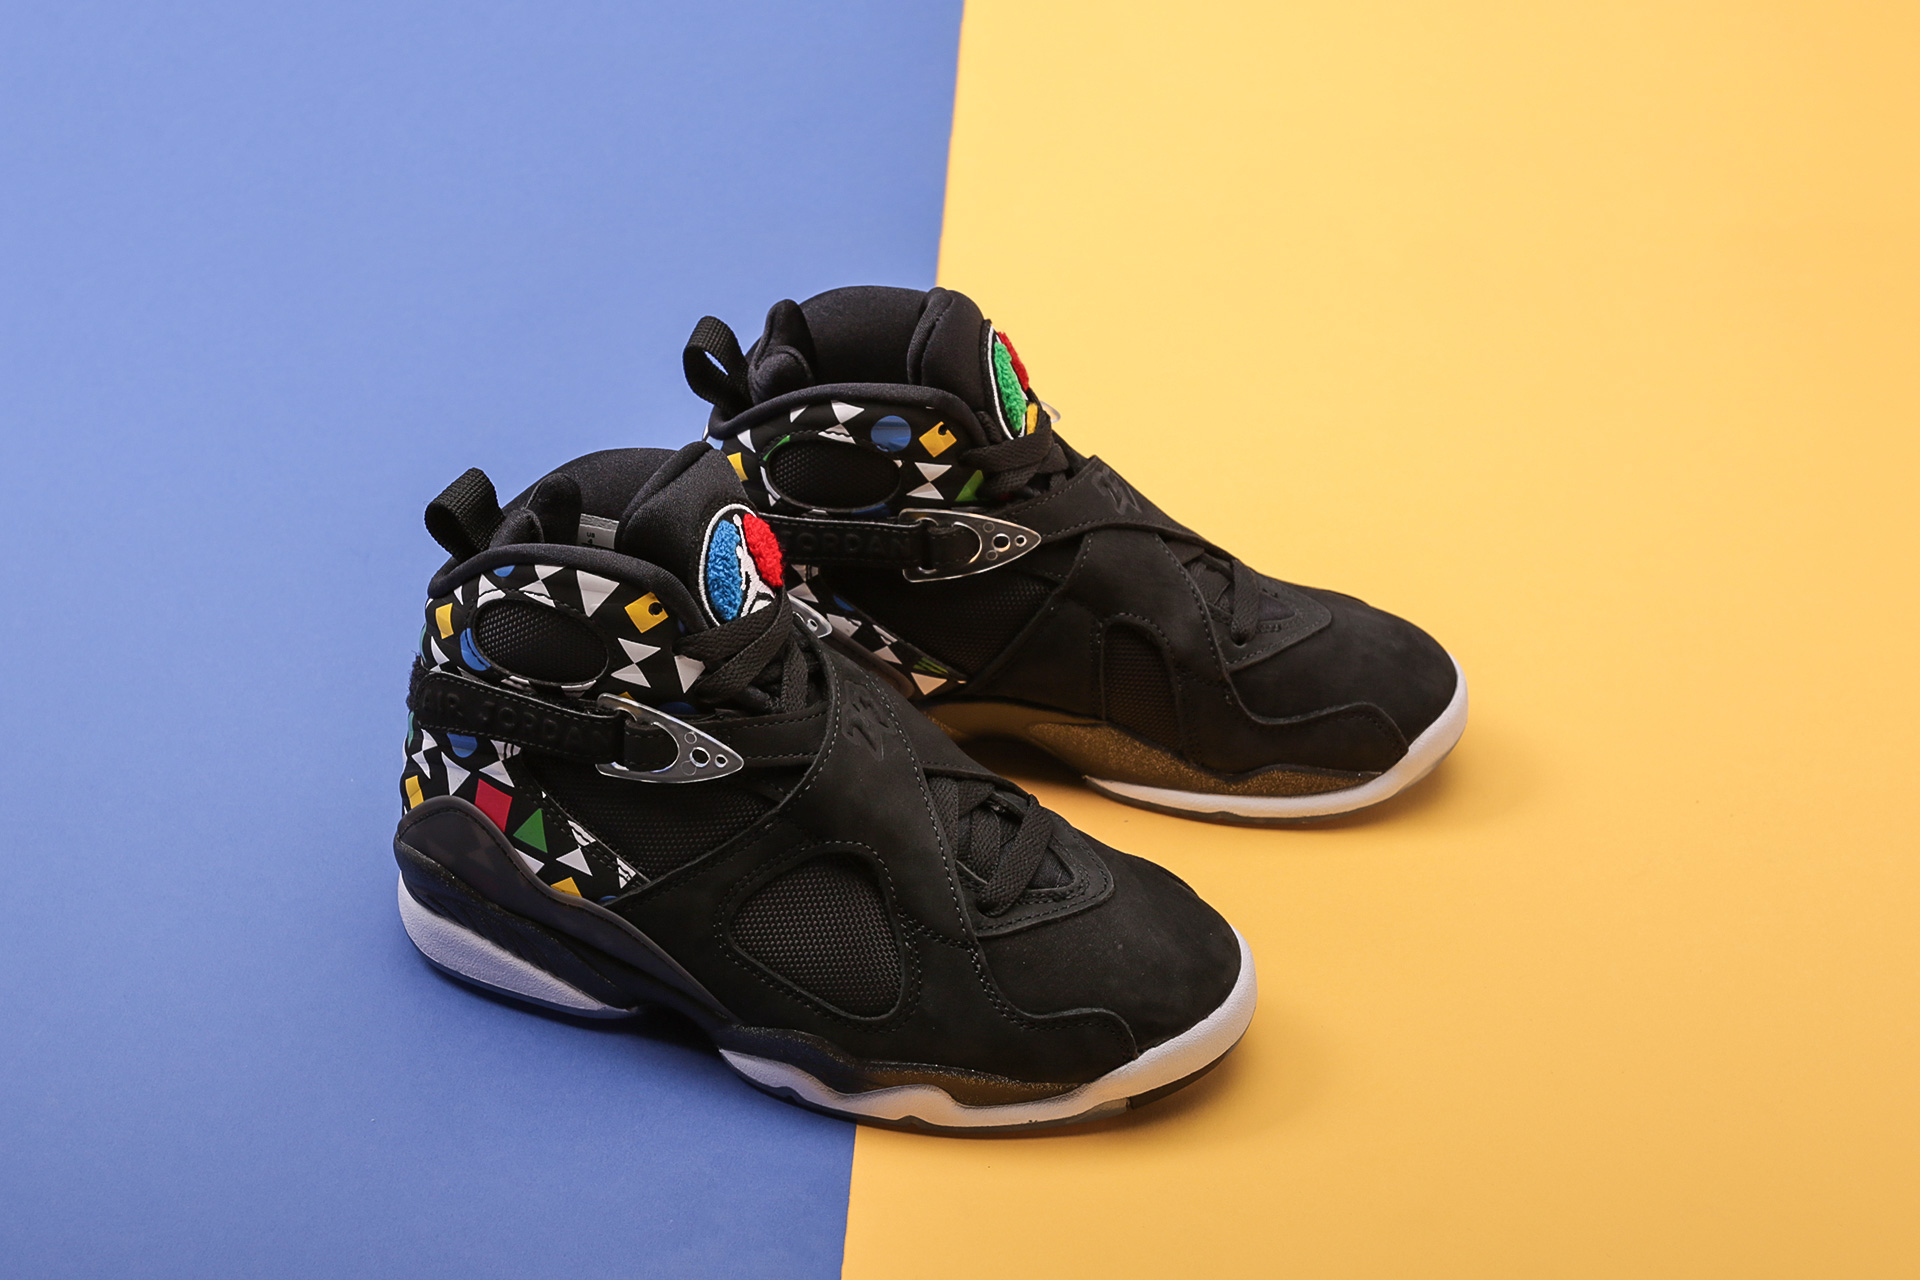 4ebc4bf5 Кроссовки Jordan (Джордан) купить по цене от 2 250 рублей в интернет  магазине Sneakerhead